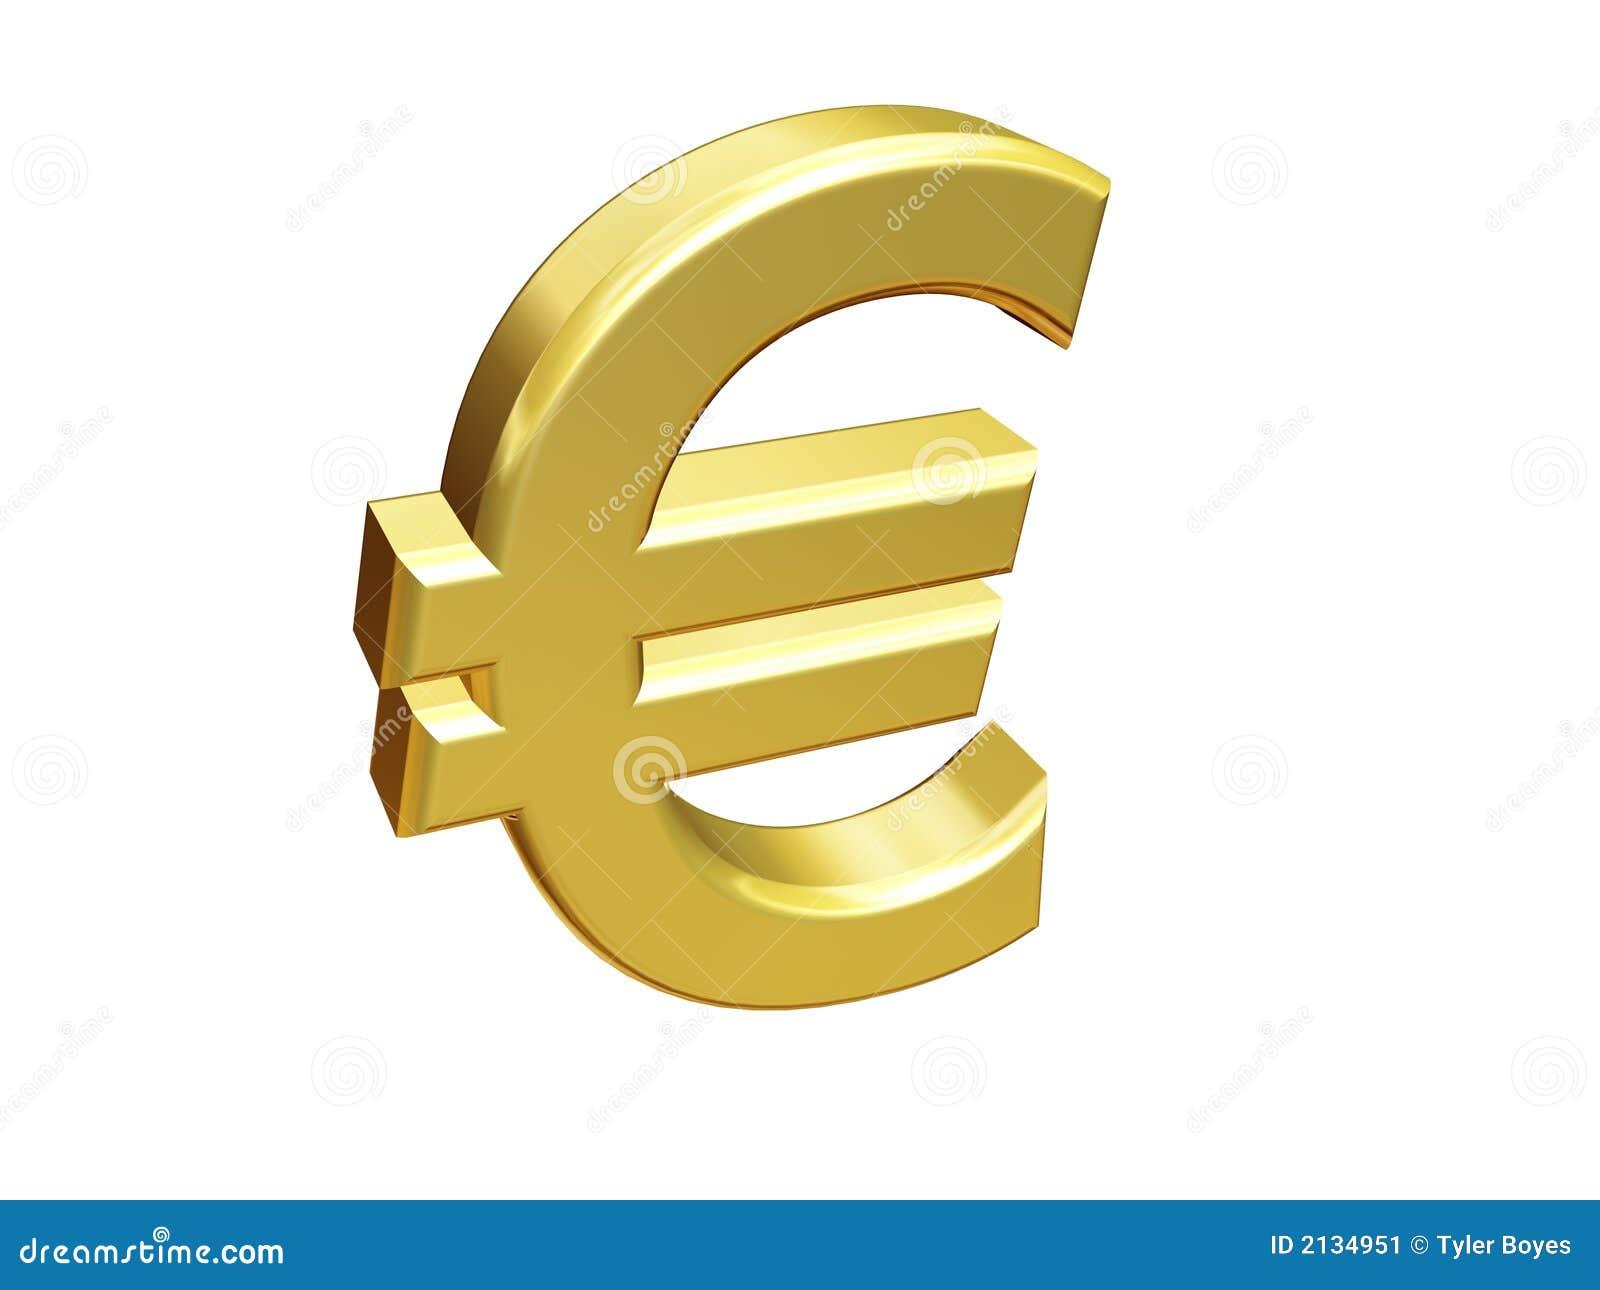 Gouden Euro Teken Stock Afbeelding - Afbeelding: 2134951